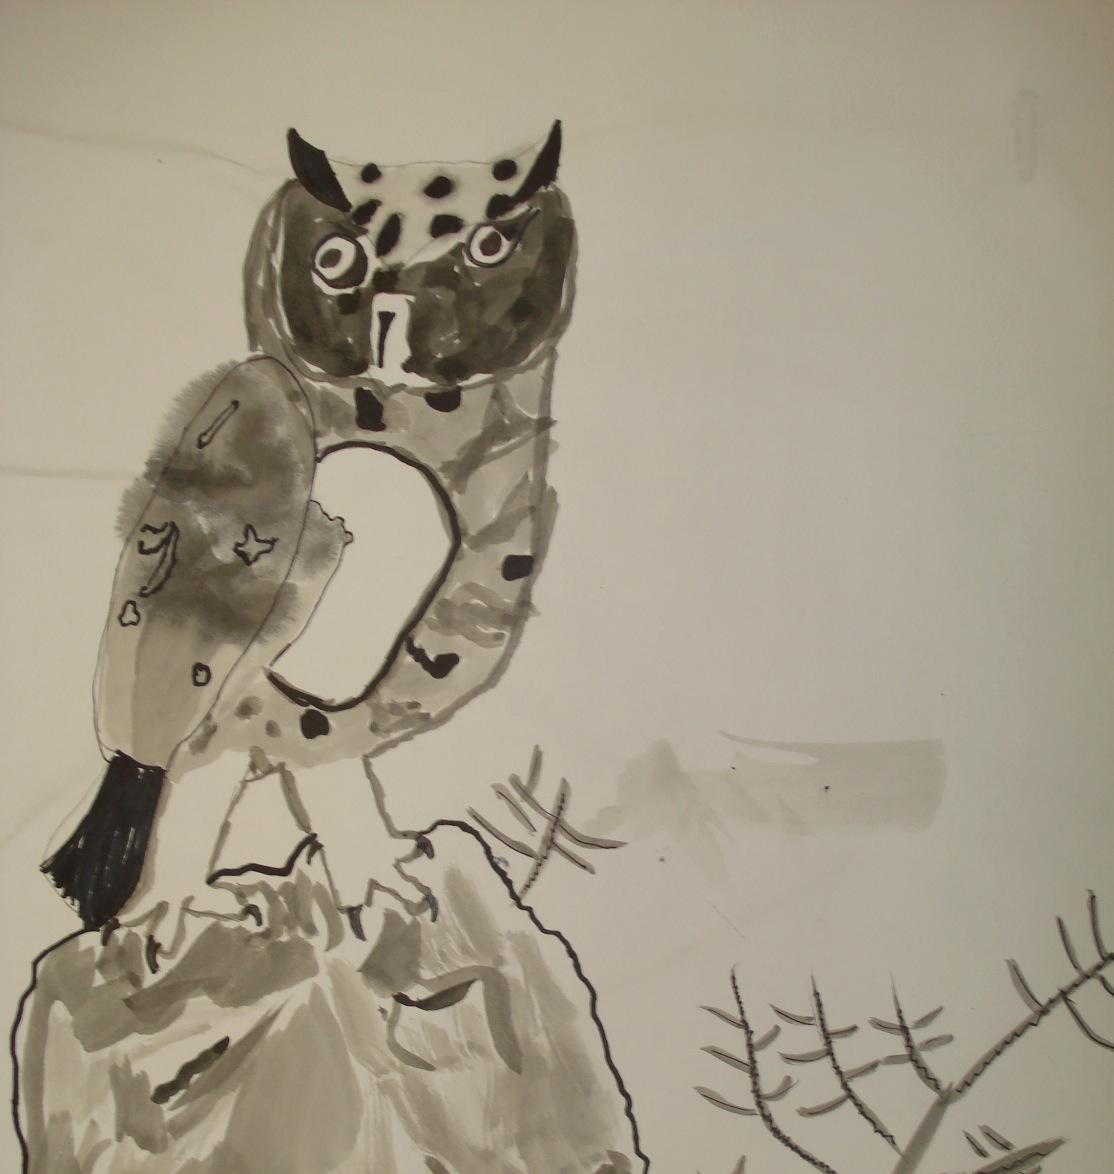 Z., Age 8